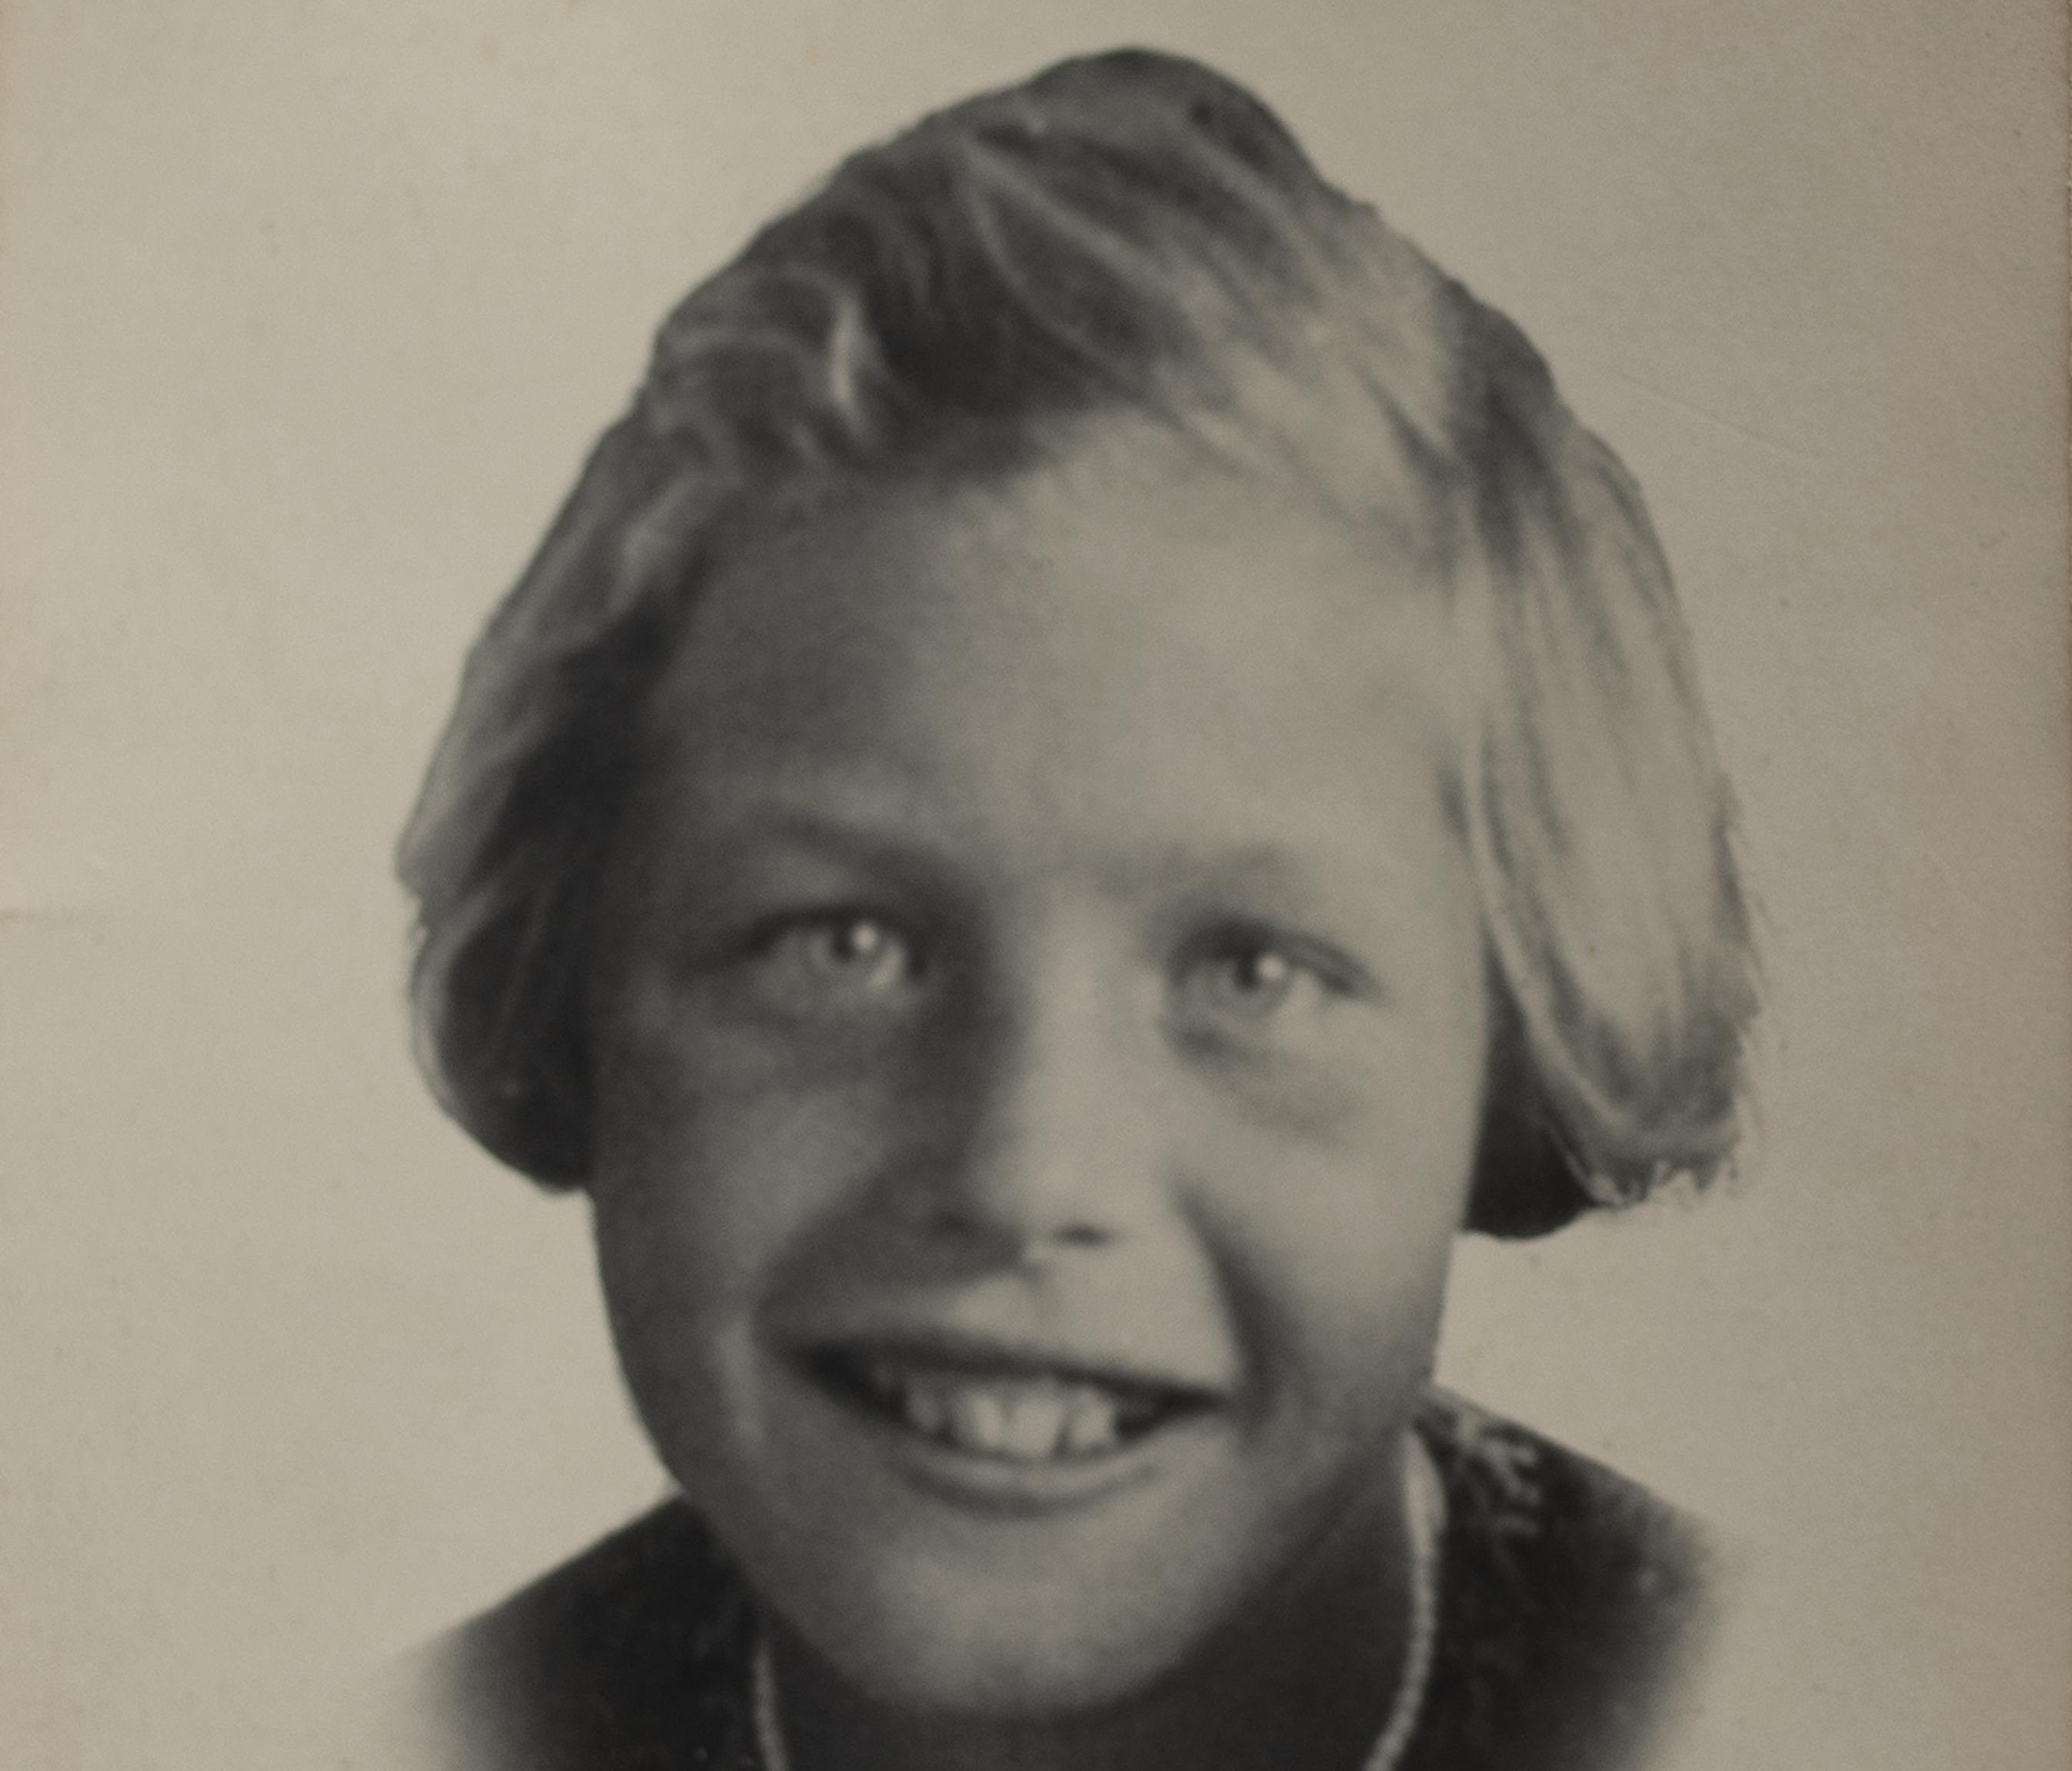 De tragische dood van schoolkind Betsie Boon uit Uitgeest